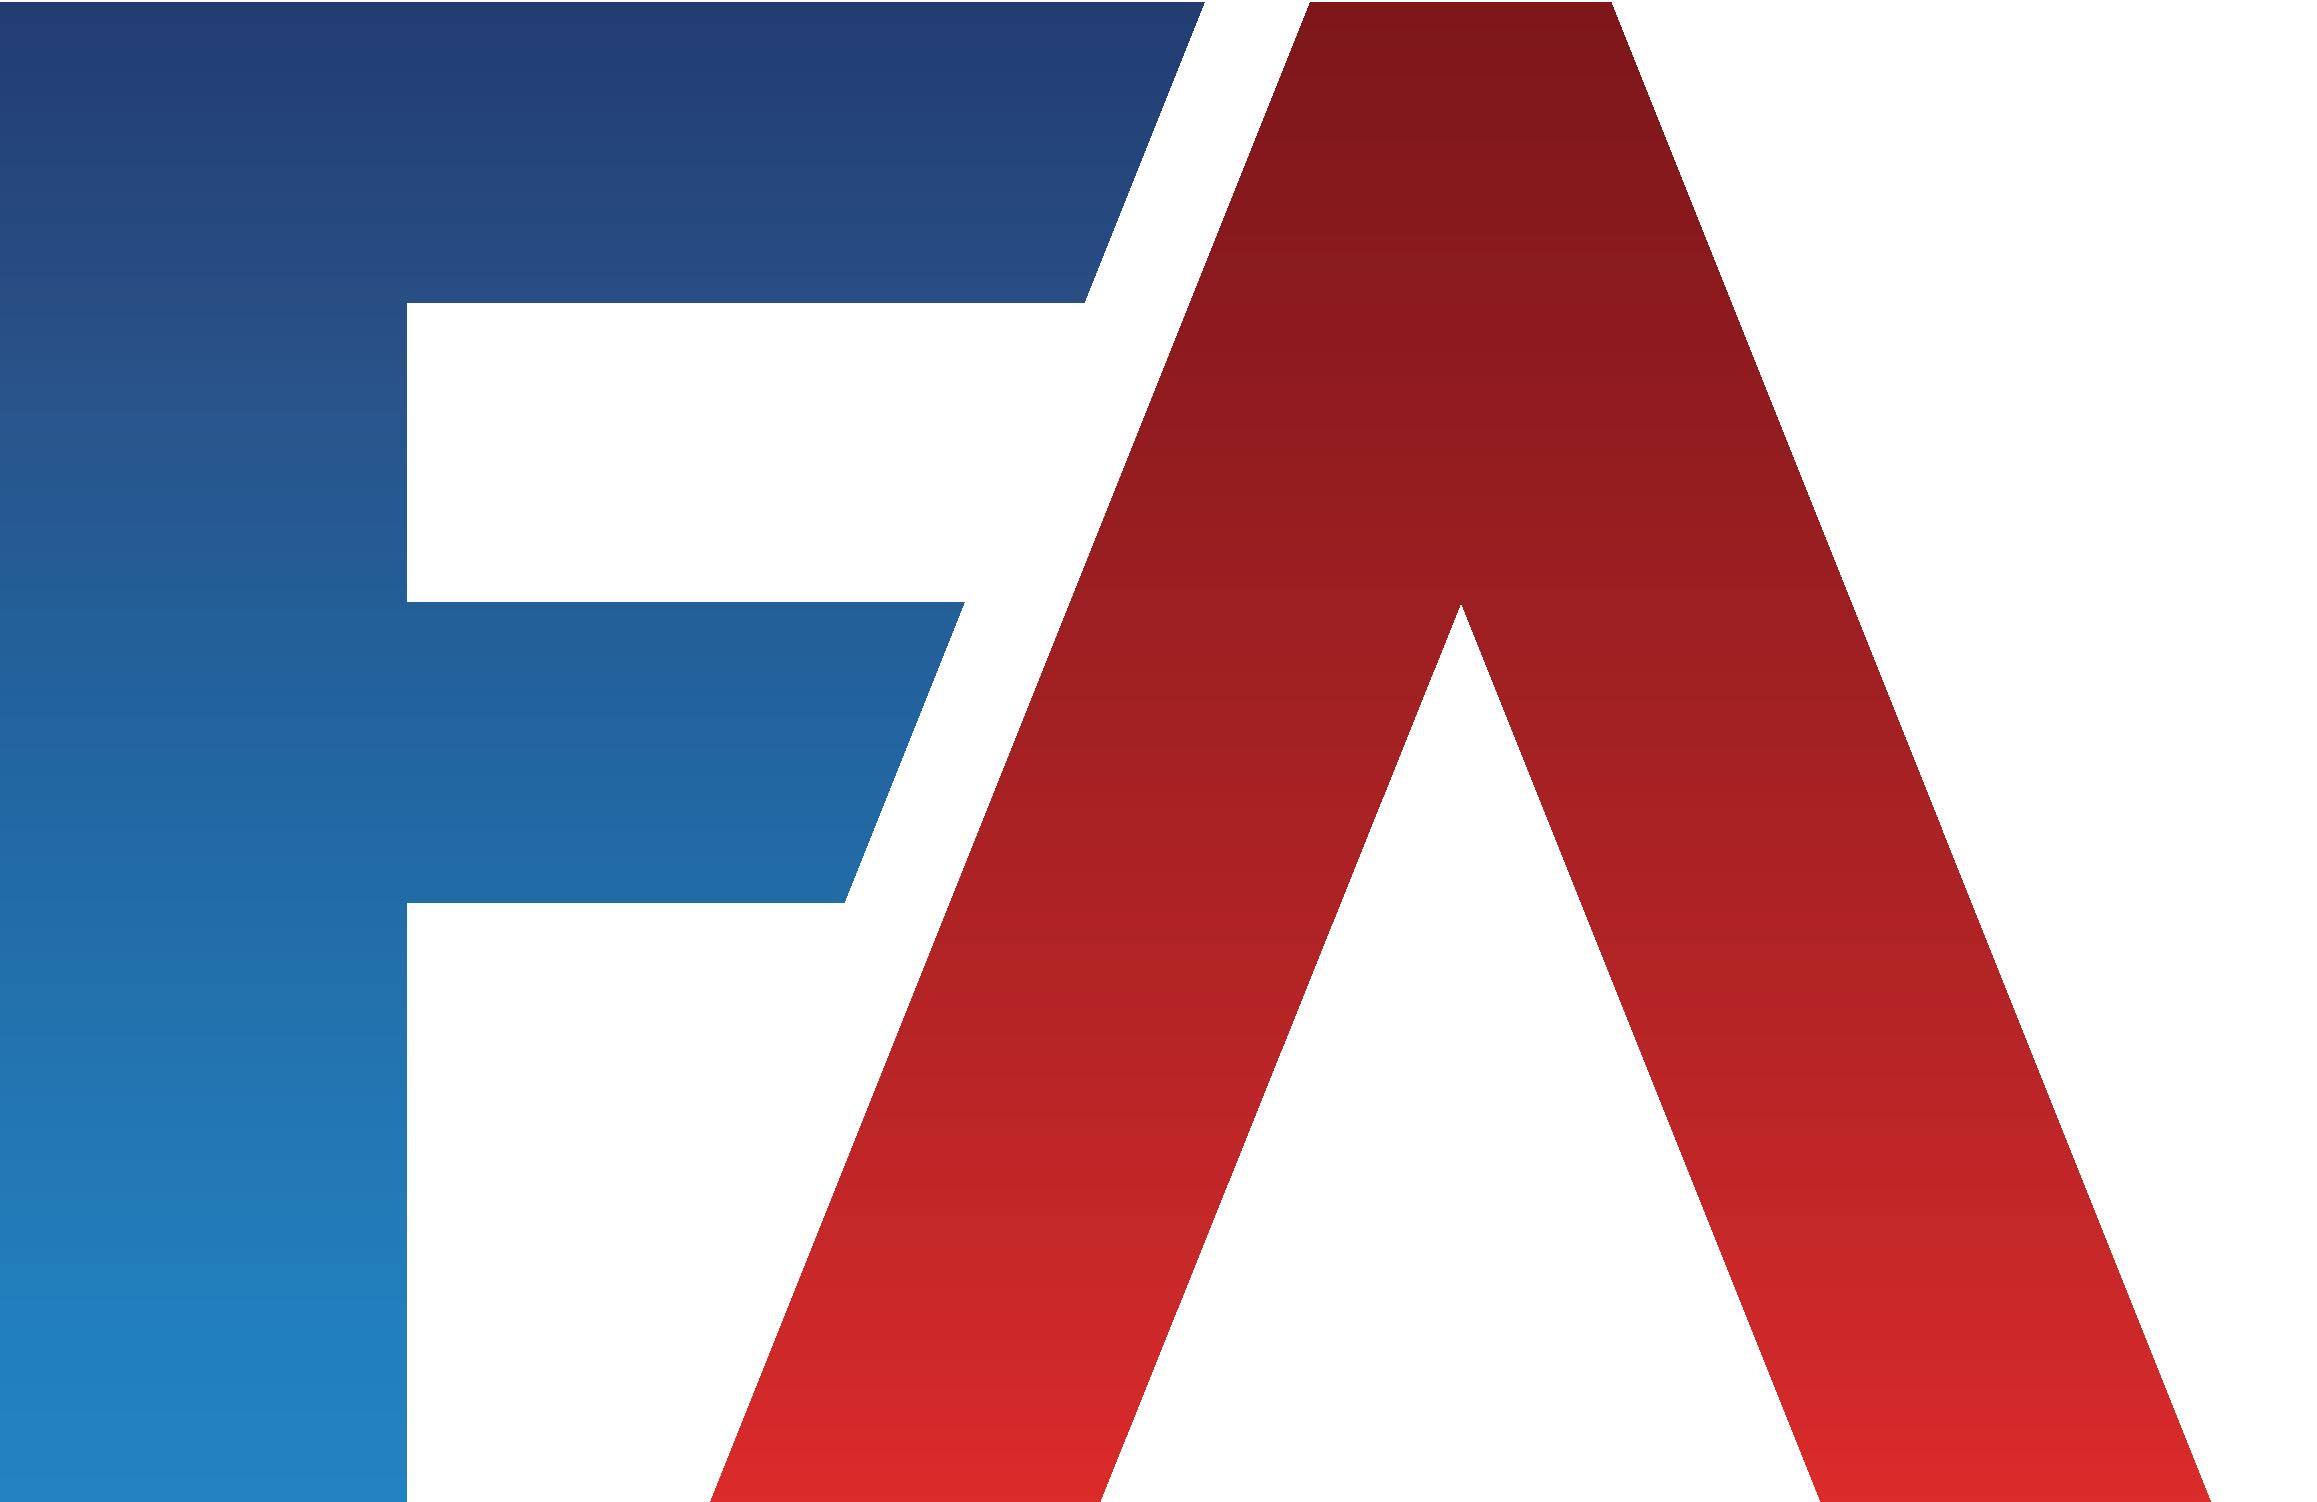 Eduardo Nunez - 3B | FantasyAlarm.com